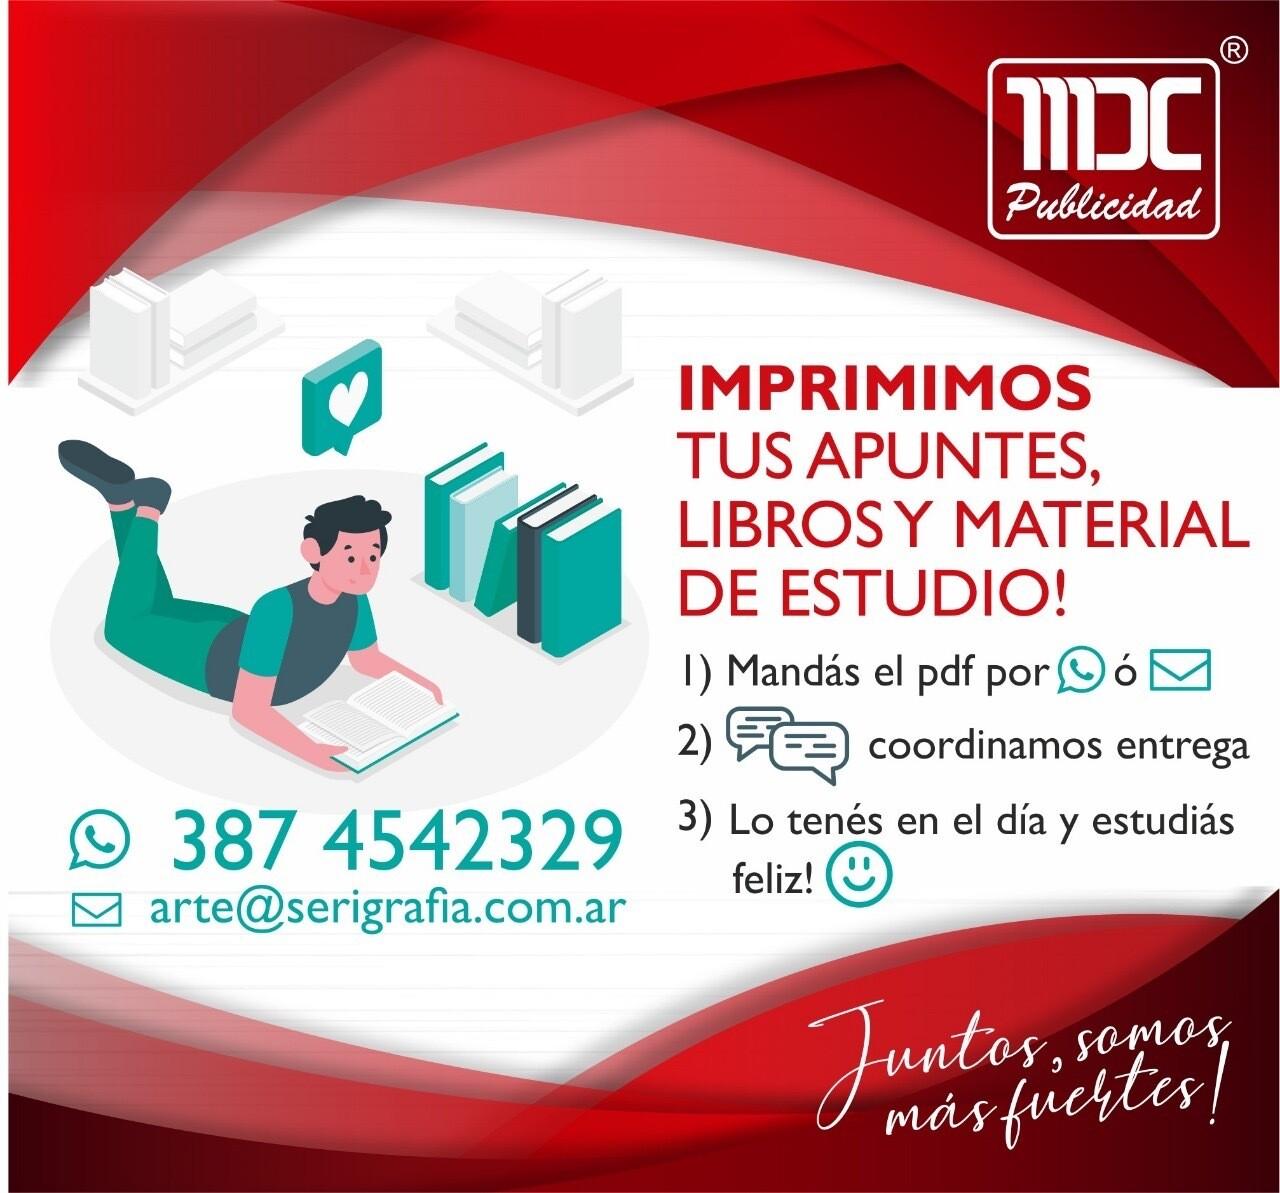 MDC Publicidad